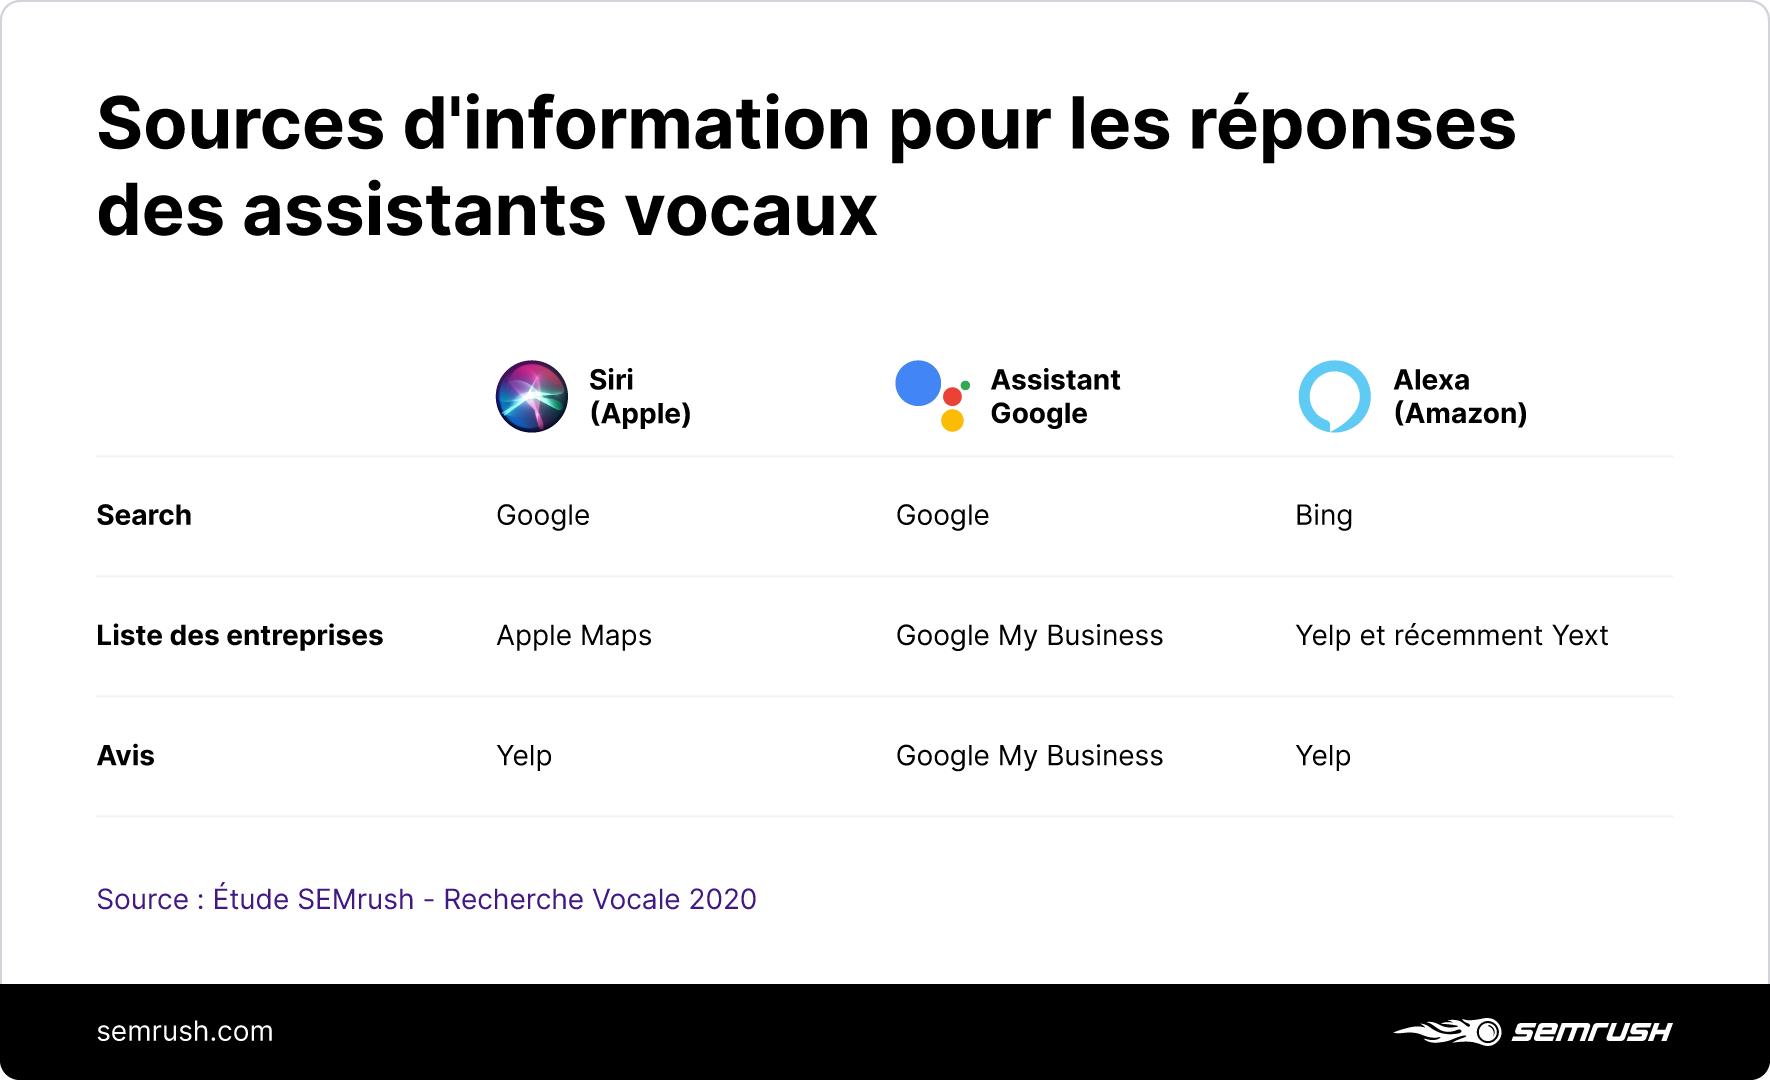 [Étude] Exploiter la recherche vocale pour les entreprises locales . Image 4